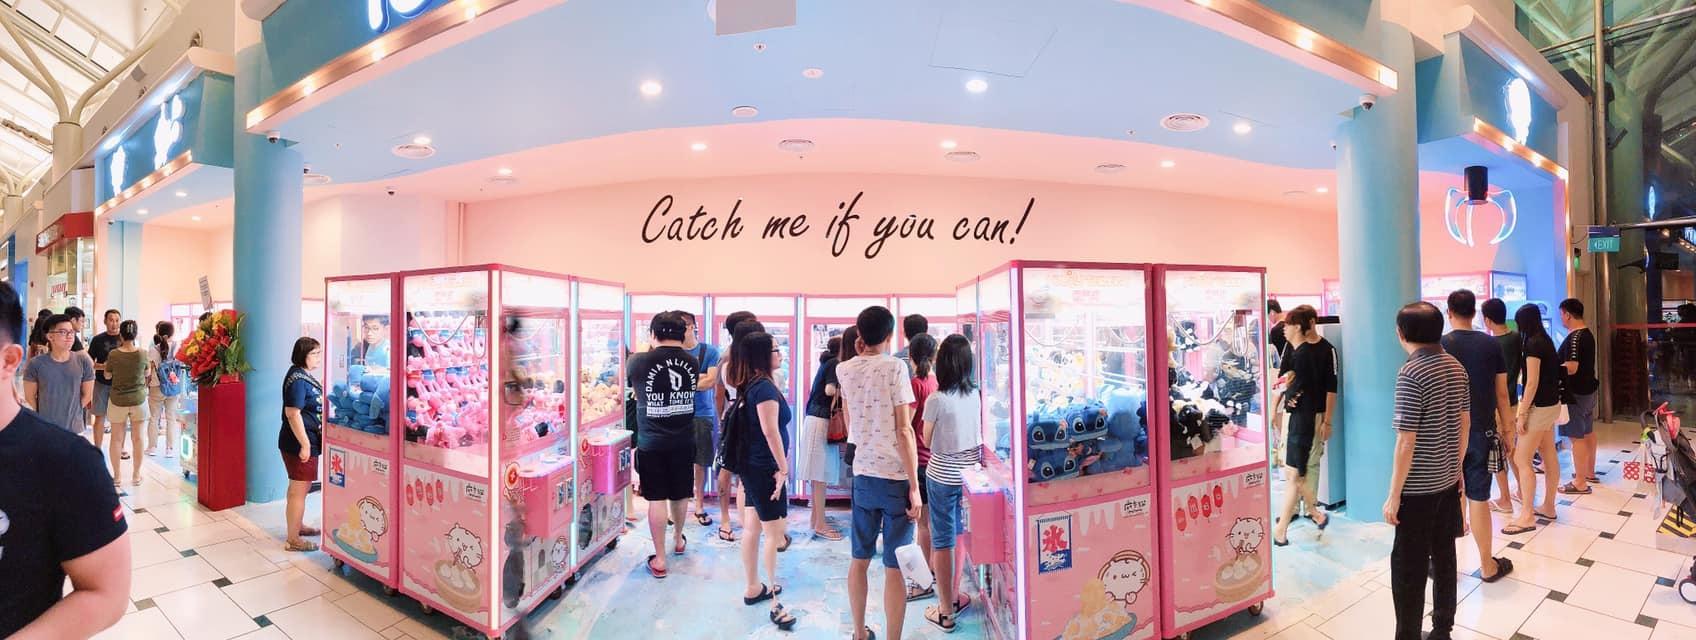 claw machine arcades 2019 i taiwan